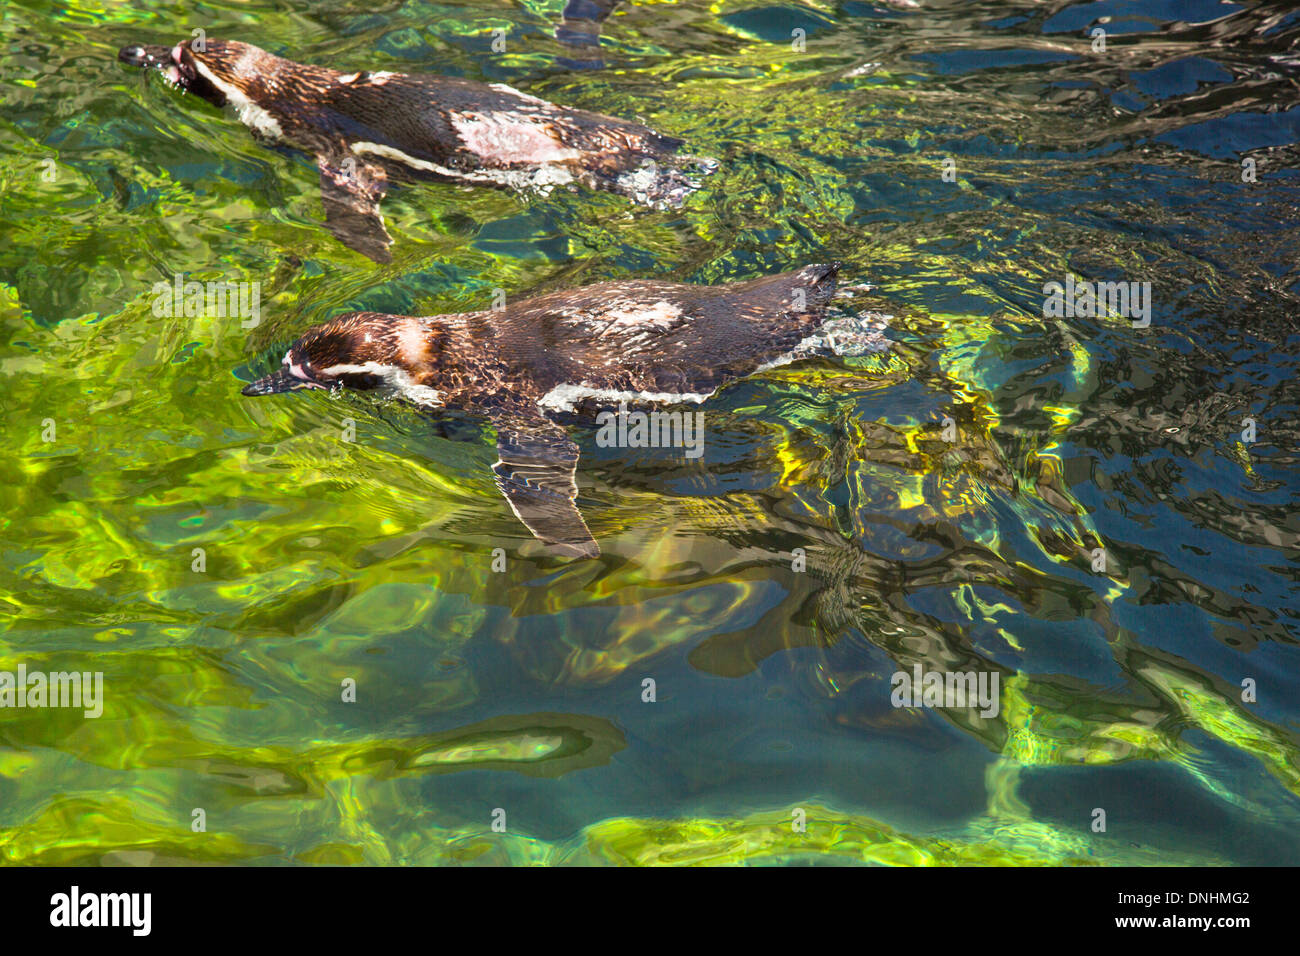 Un alto ángulo de visualización de pingüinos de Humboldt (Spheniscus Humboldt) nadando en un estanque, el Zoo de Barcelona, Barcelona, Cataluña, España Foto de stock